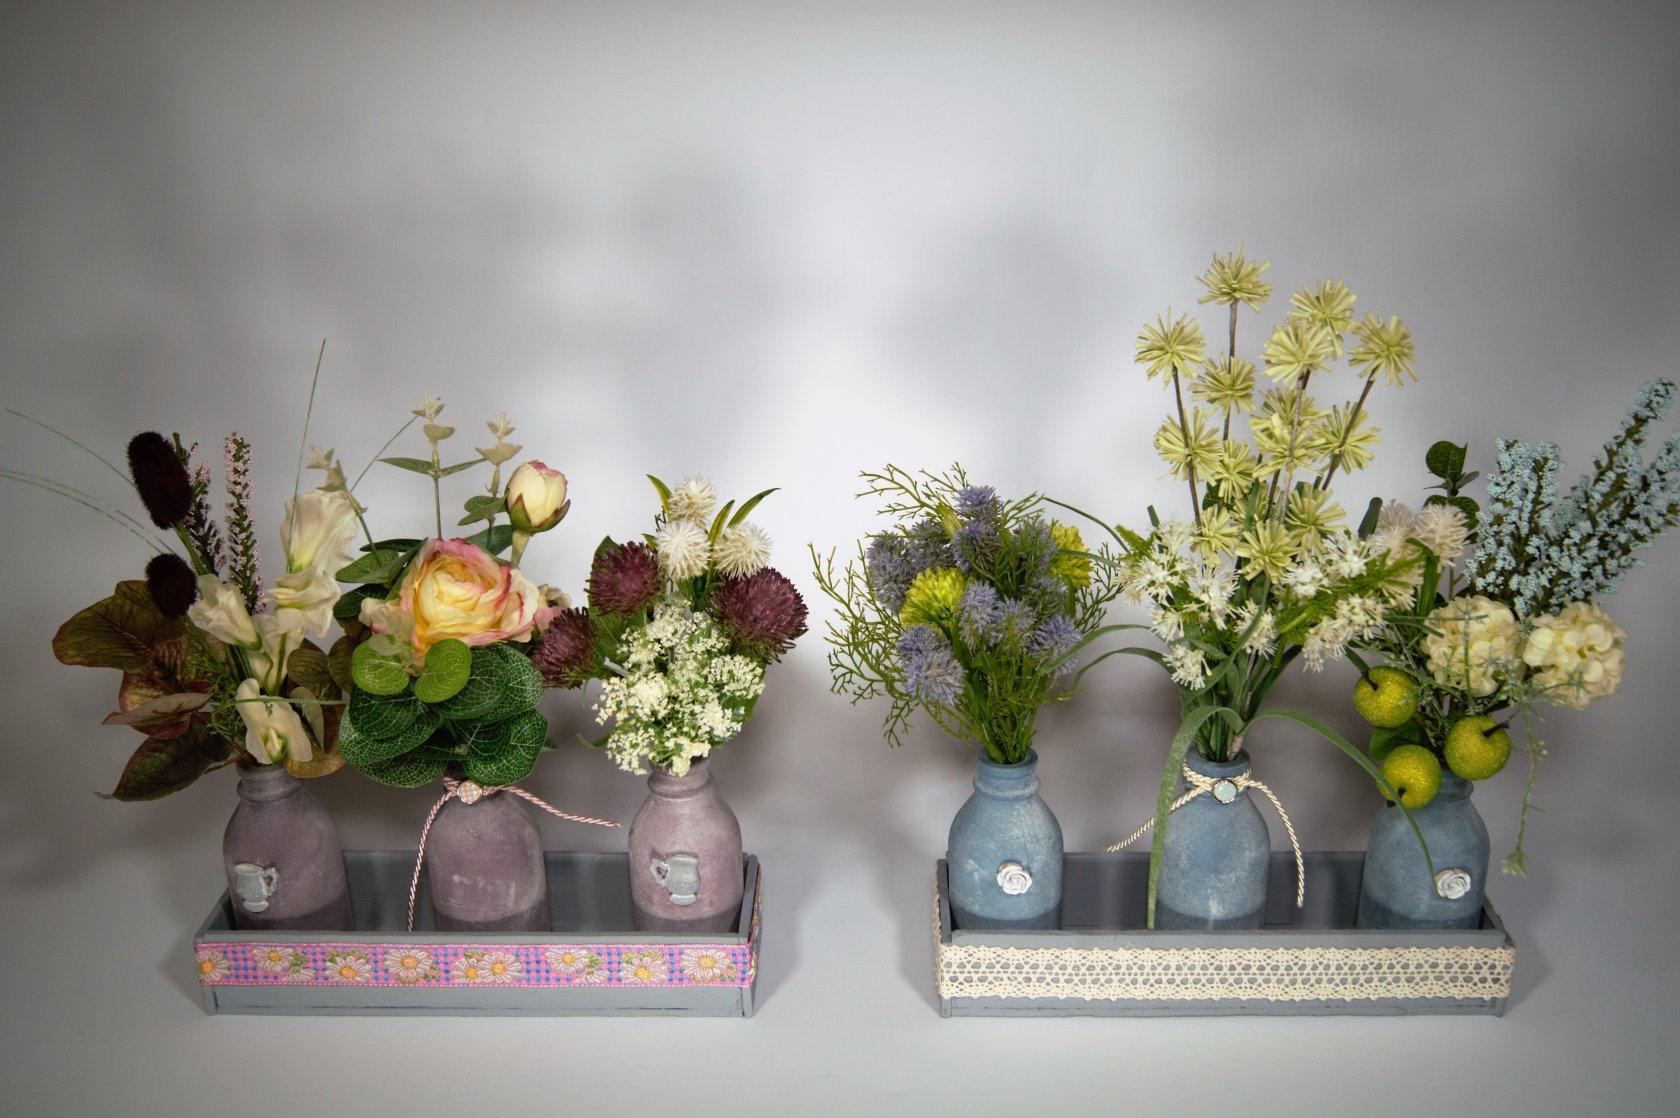 Фото композиций из искусственных цветов в интерьере